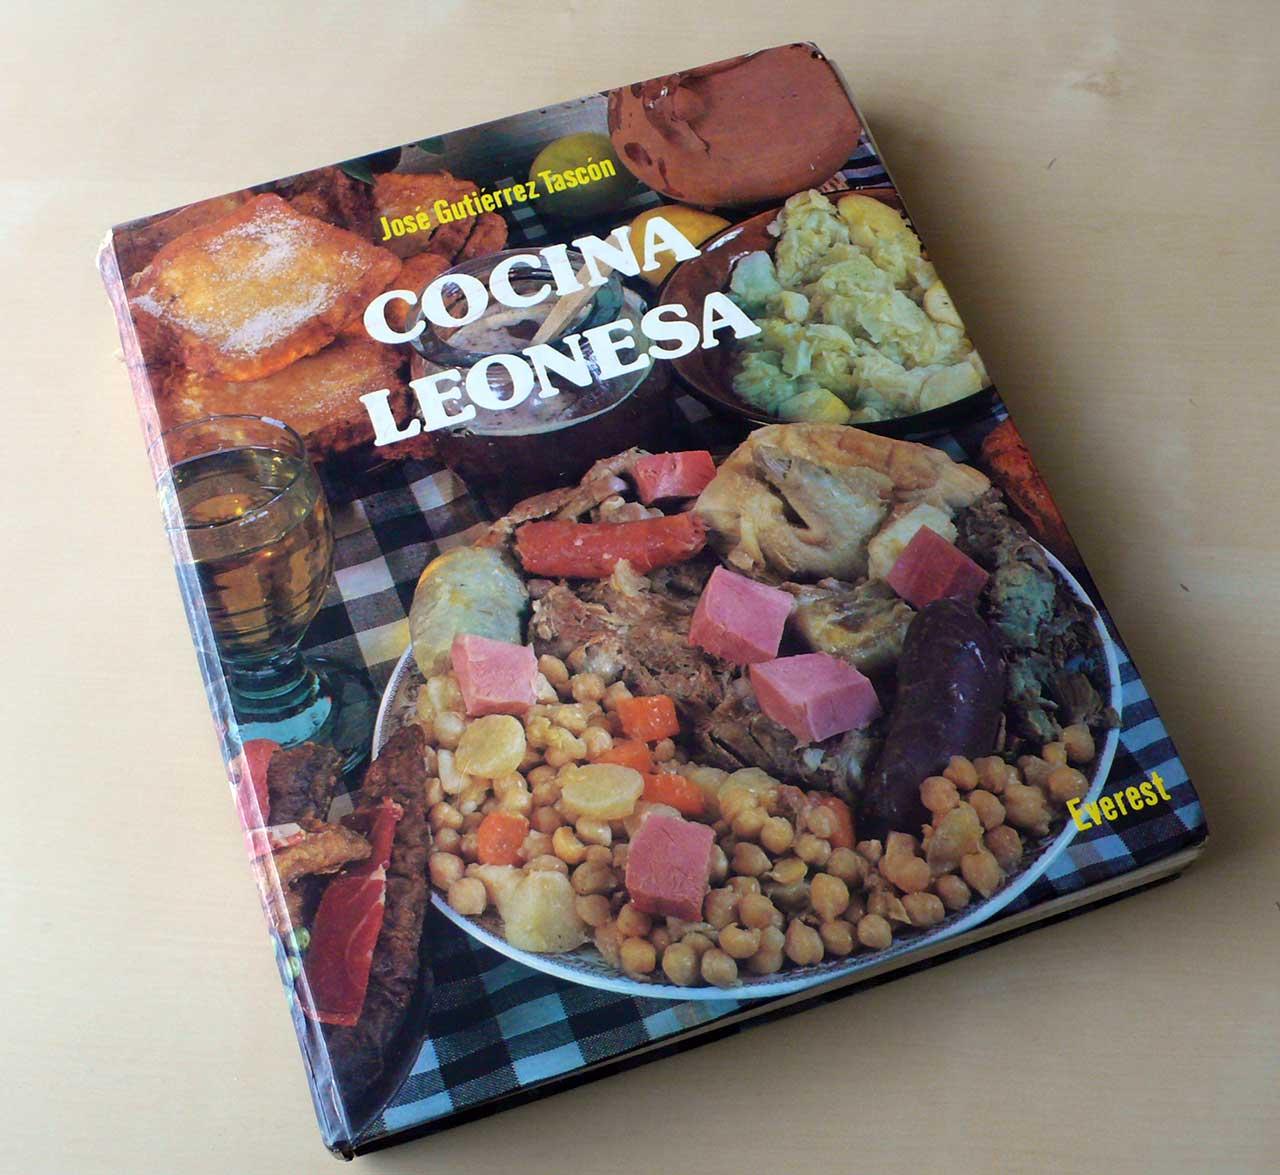 Portada del libro Cocina Leonesa de José Gutiérrez Tascón